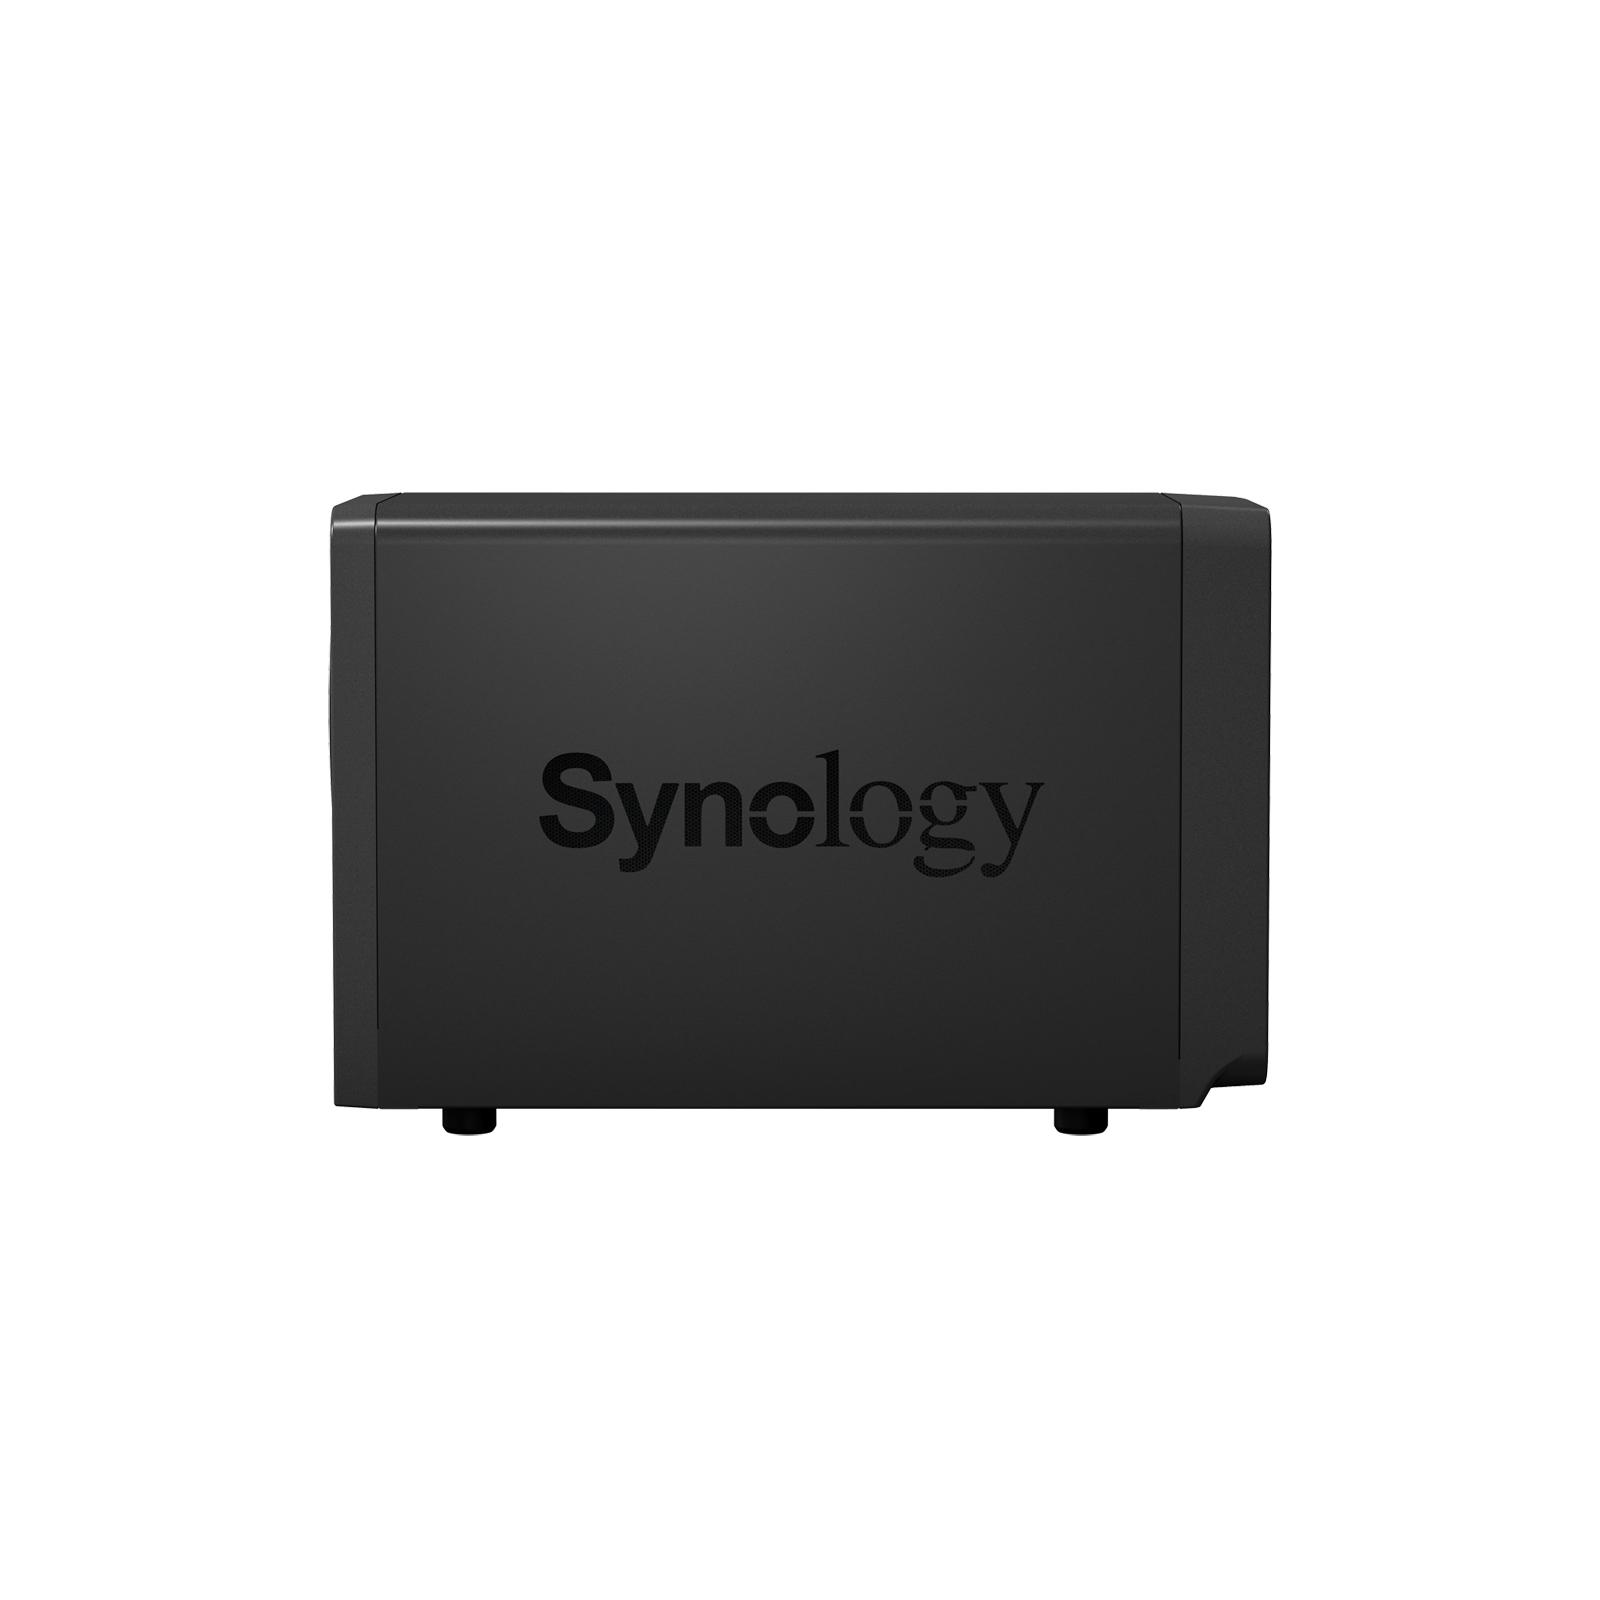 NAS Synology DS214+ изображение 5